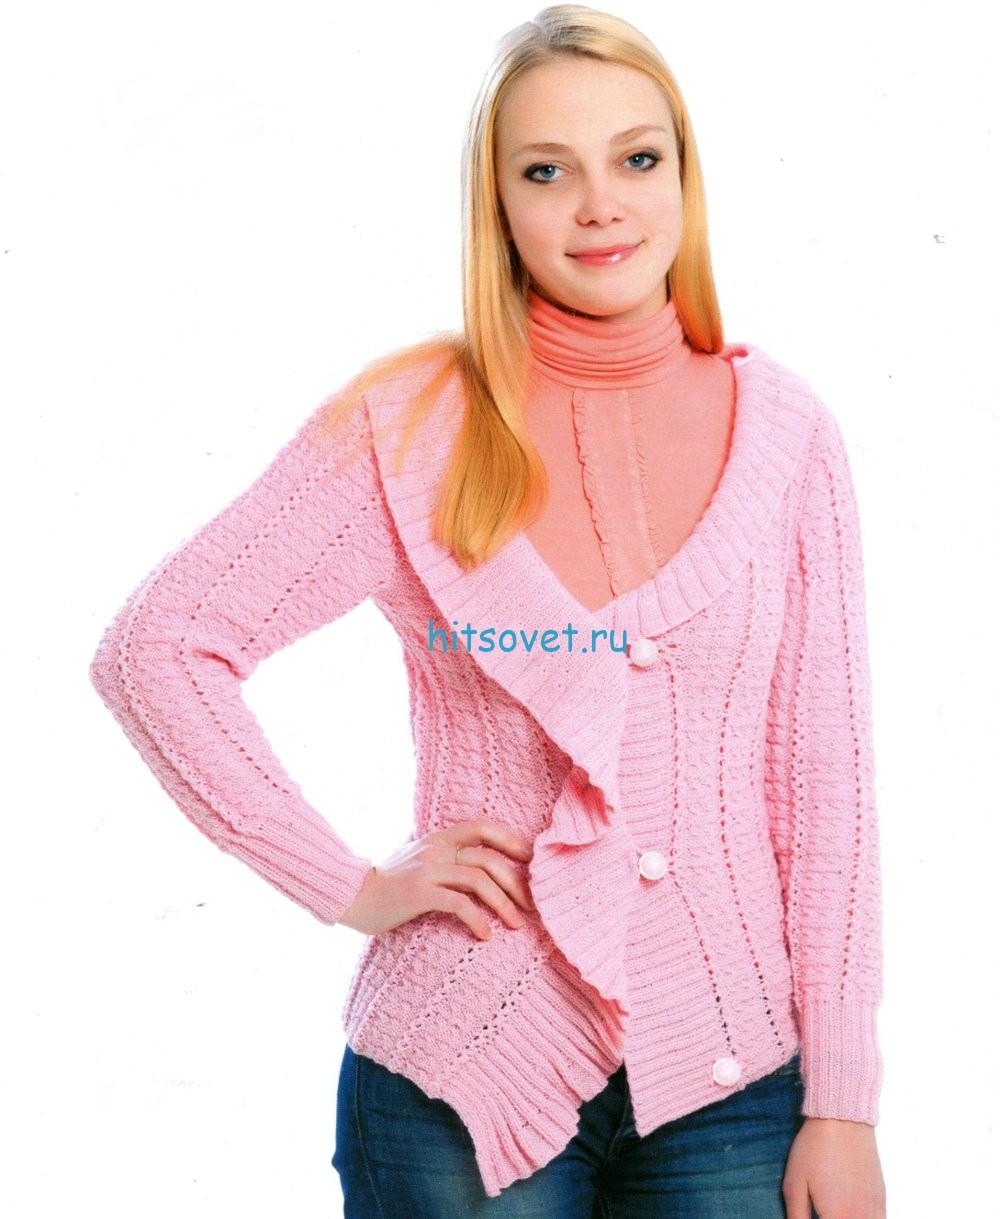 Жакет на одной пуговице. Вязание для женщин / Жакеты